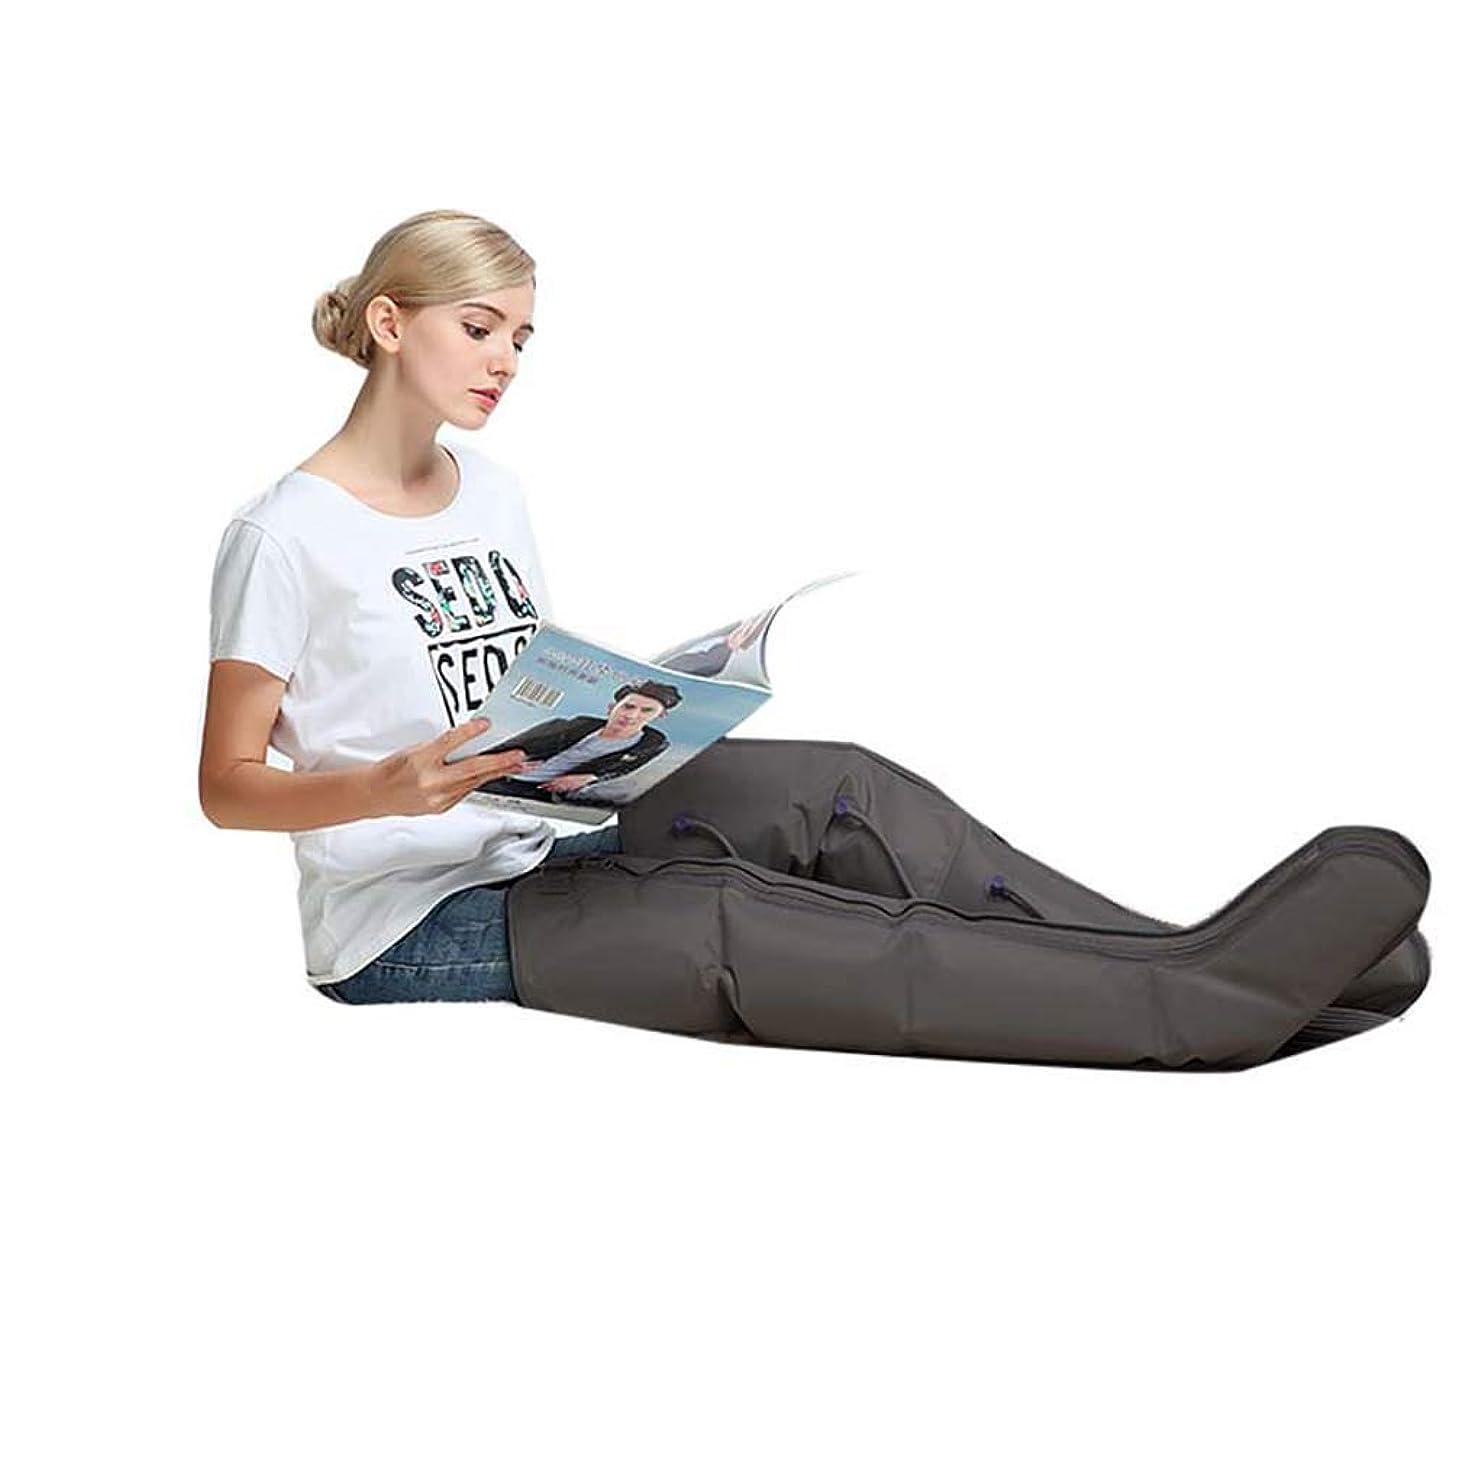 割り当て悪魔調和Yhz@ 高齢者のための空気の足のマッサージャー、空気波の圧力マッサージャー、空気圧療法の足の腕の足を練る-80W-93cm